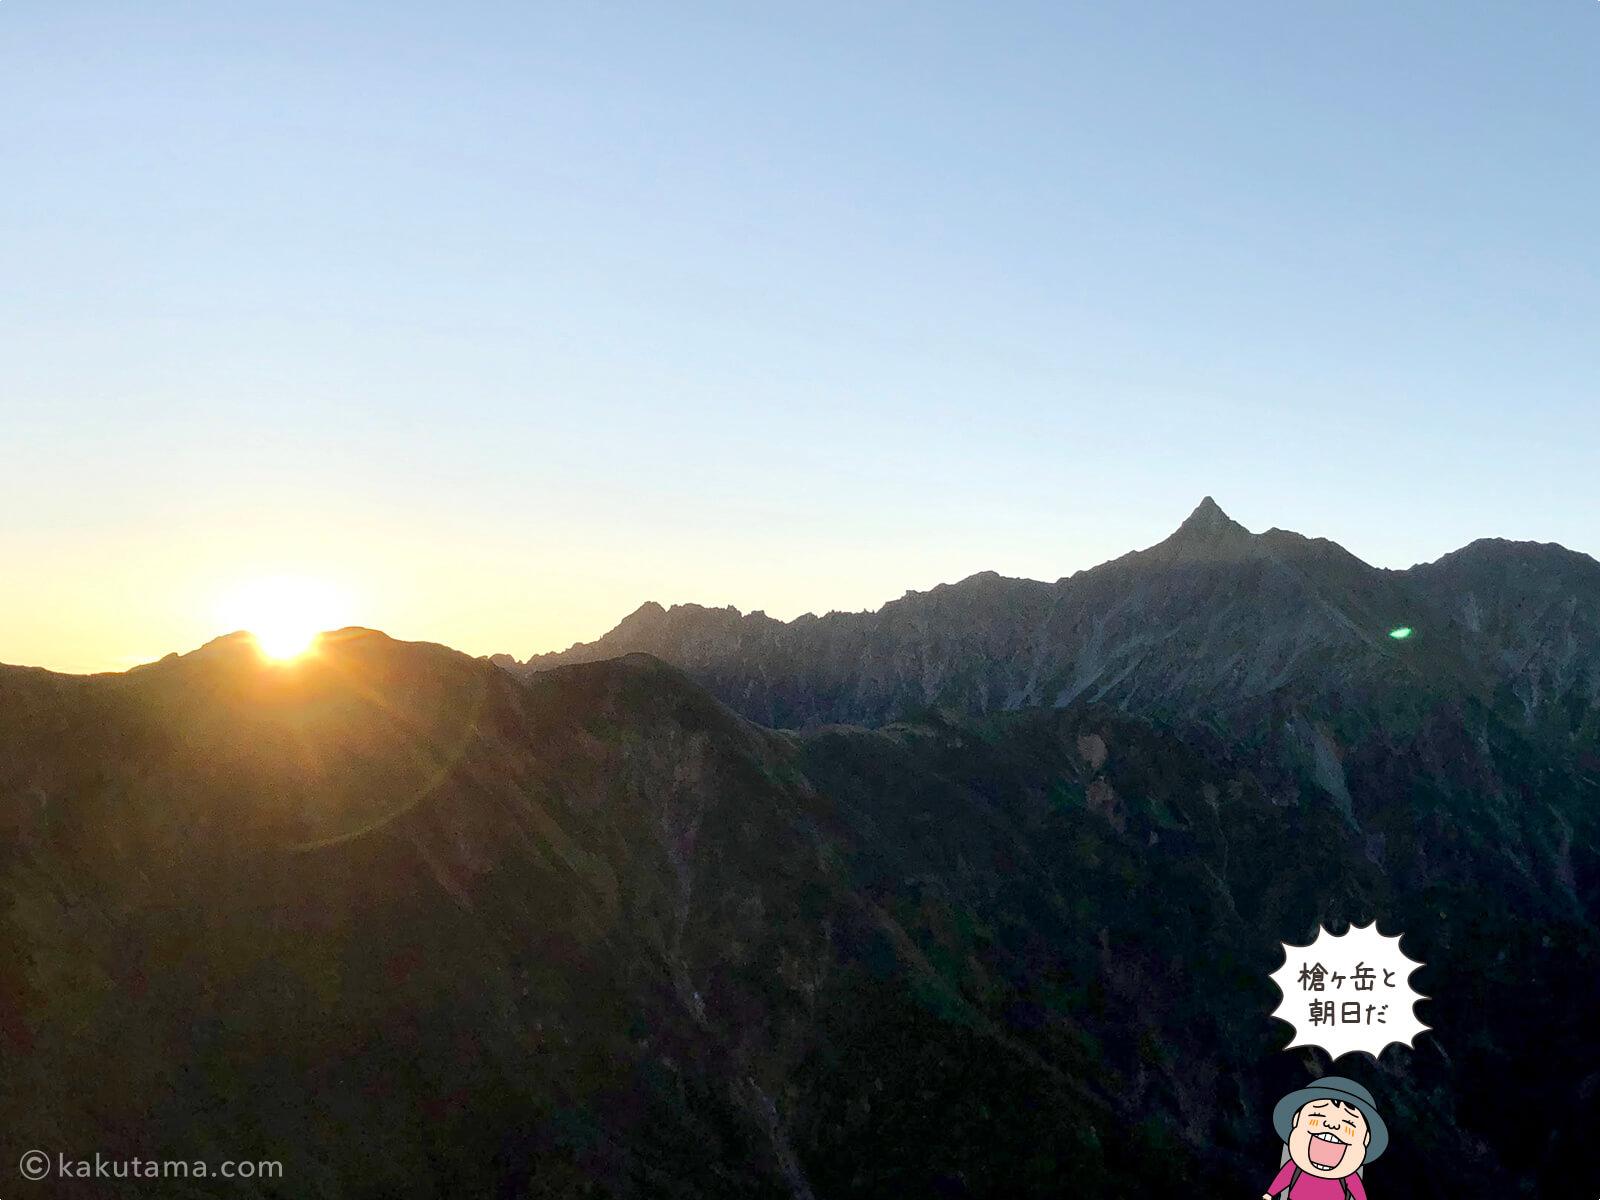 小池新道から見る槍ヶ岳と朝日